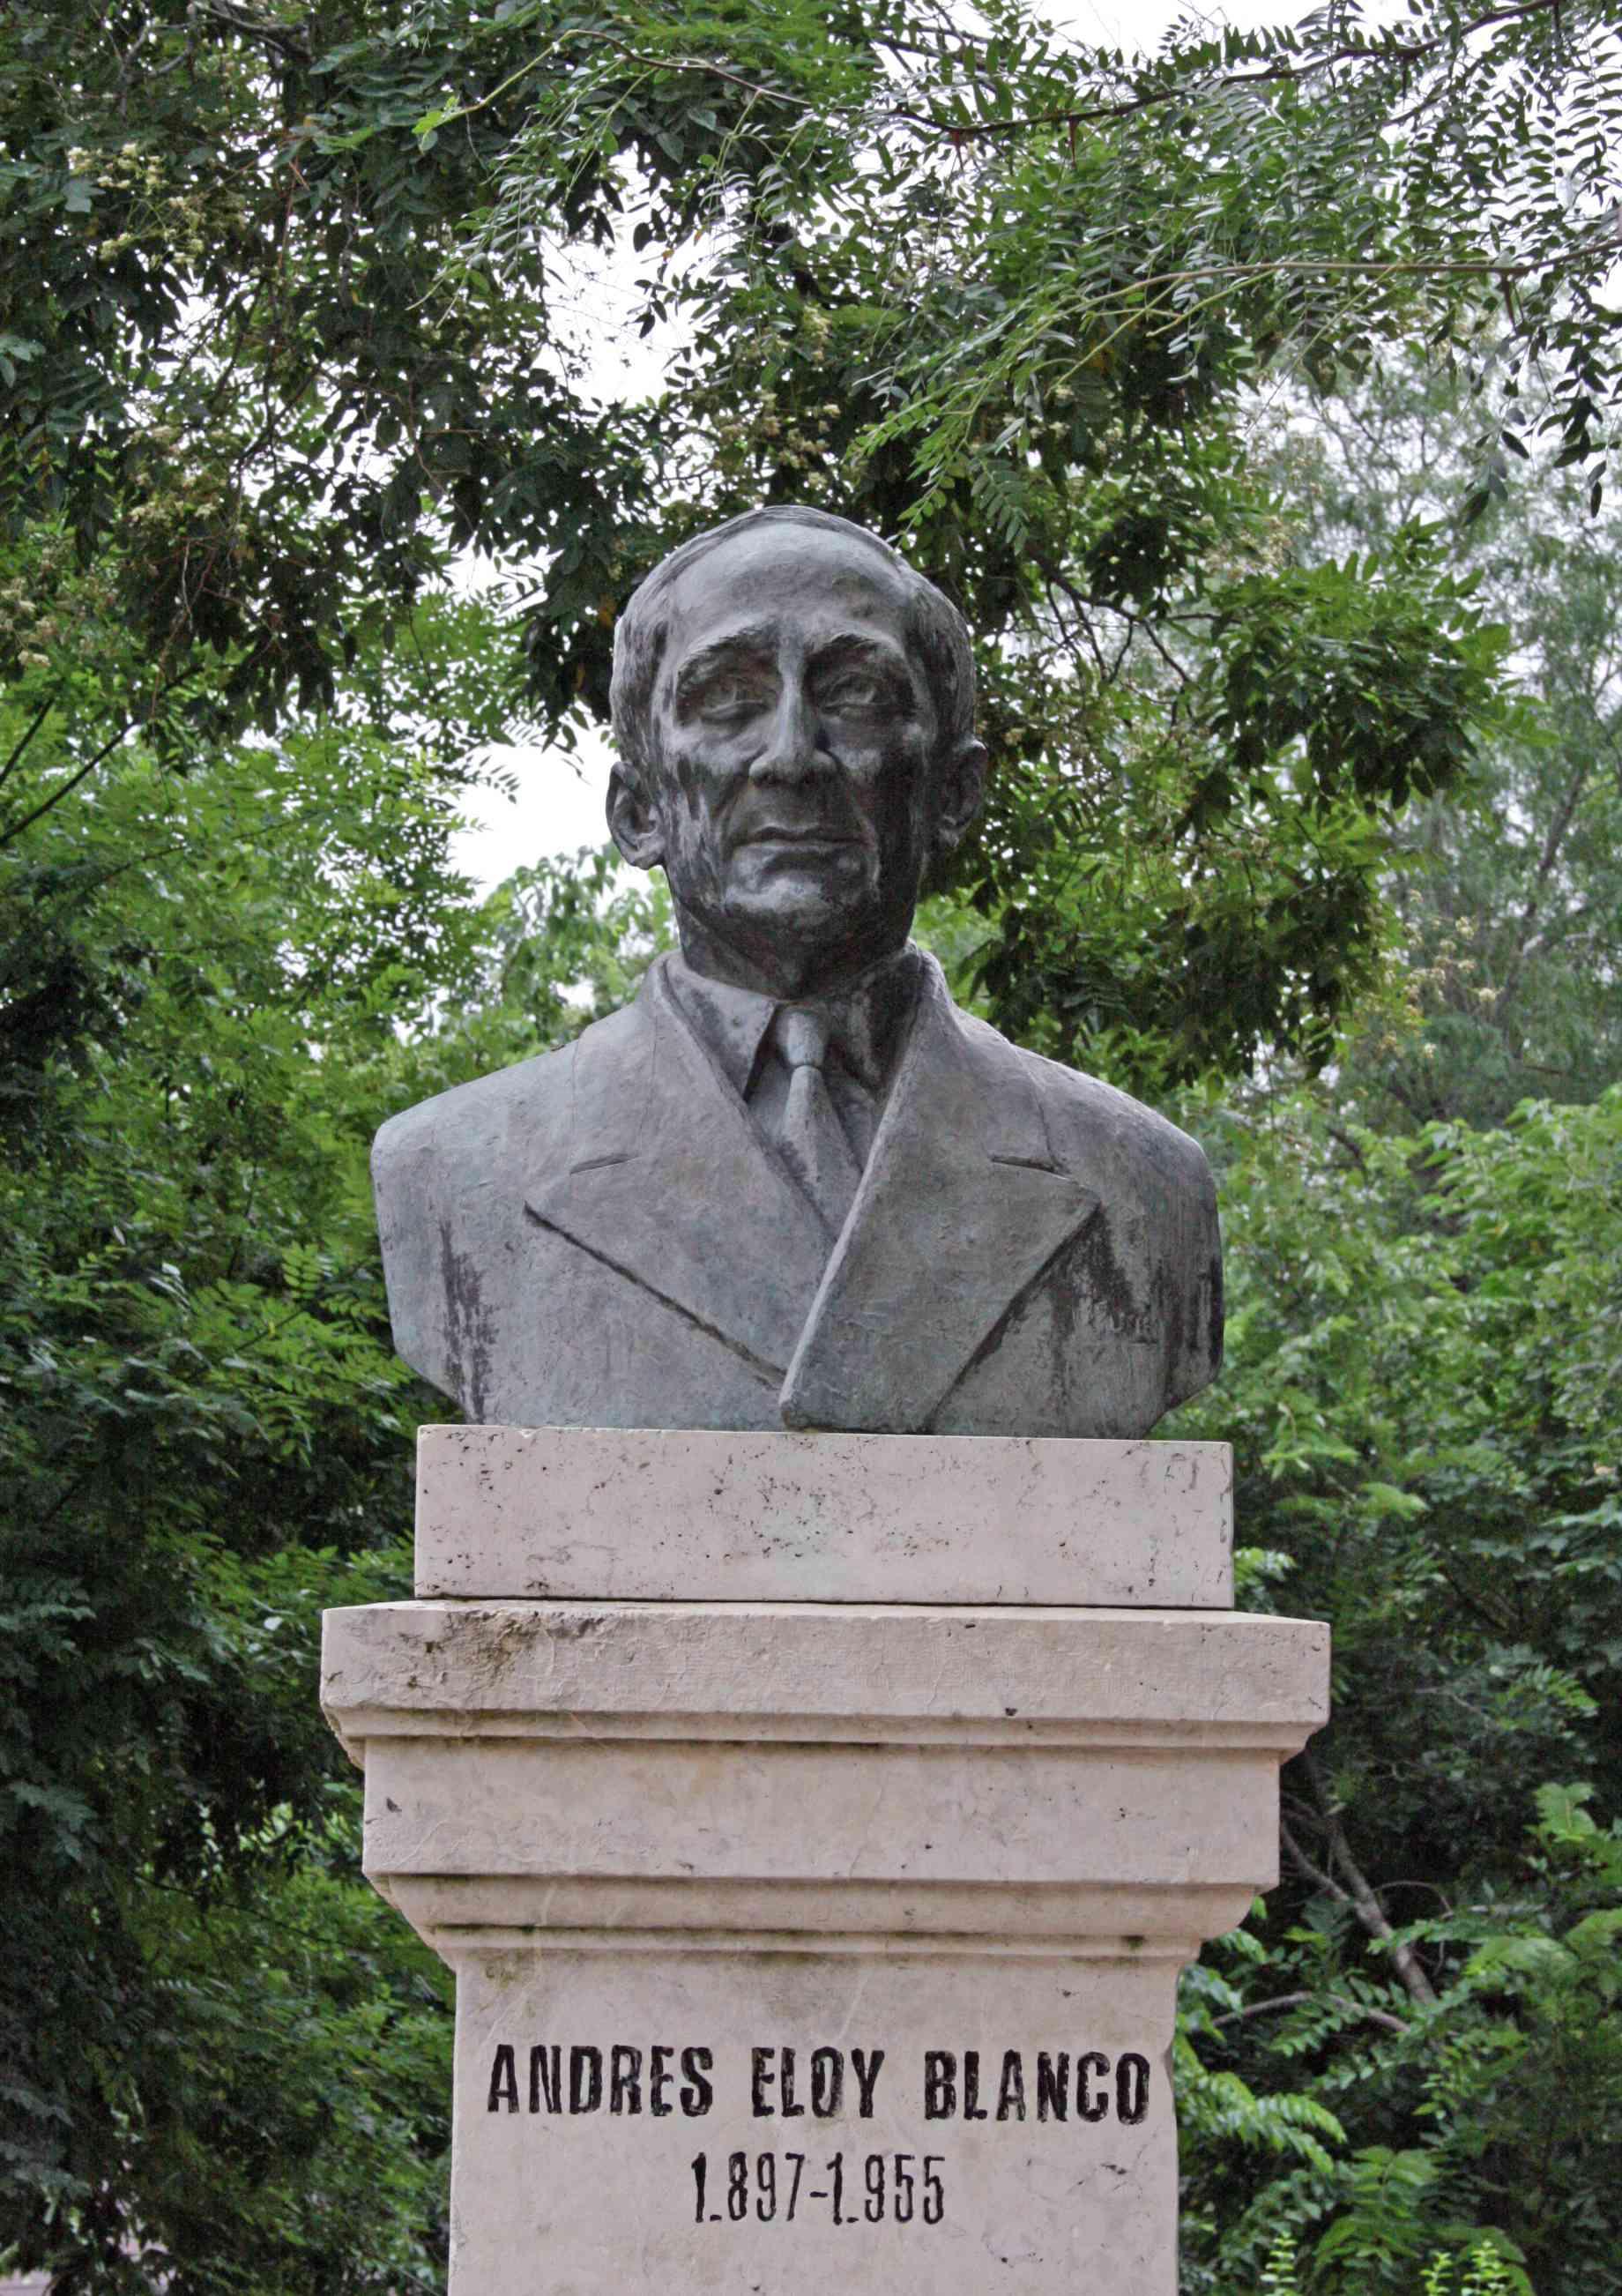 Busto de Andrés Eloy Blanco, Parque del Retiro, Madrid, España.